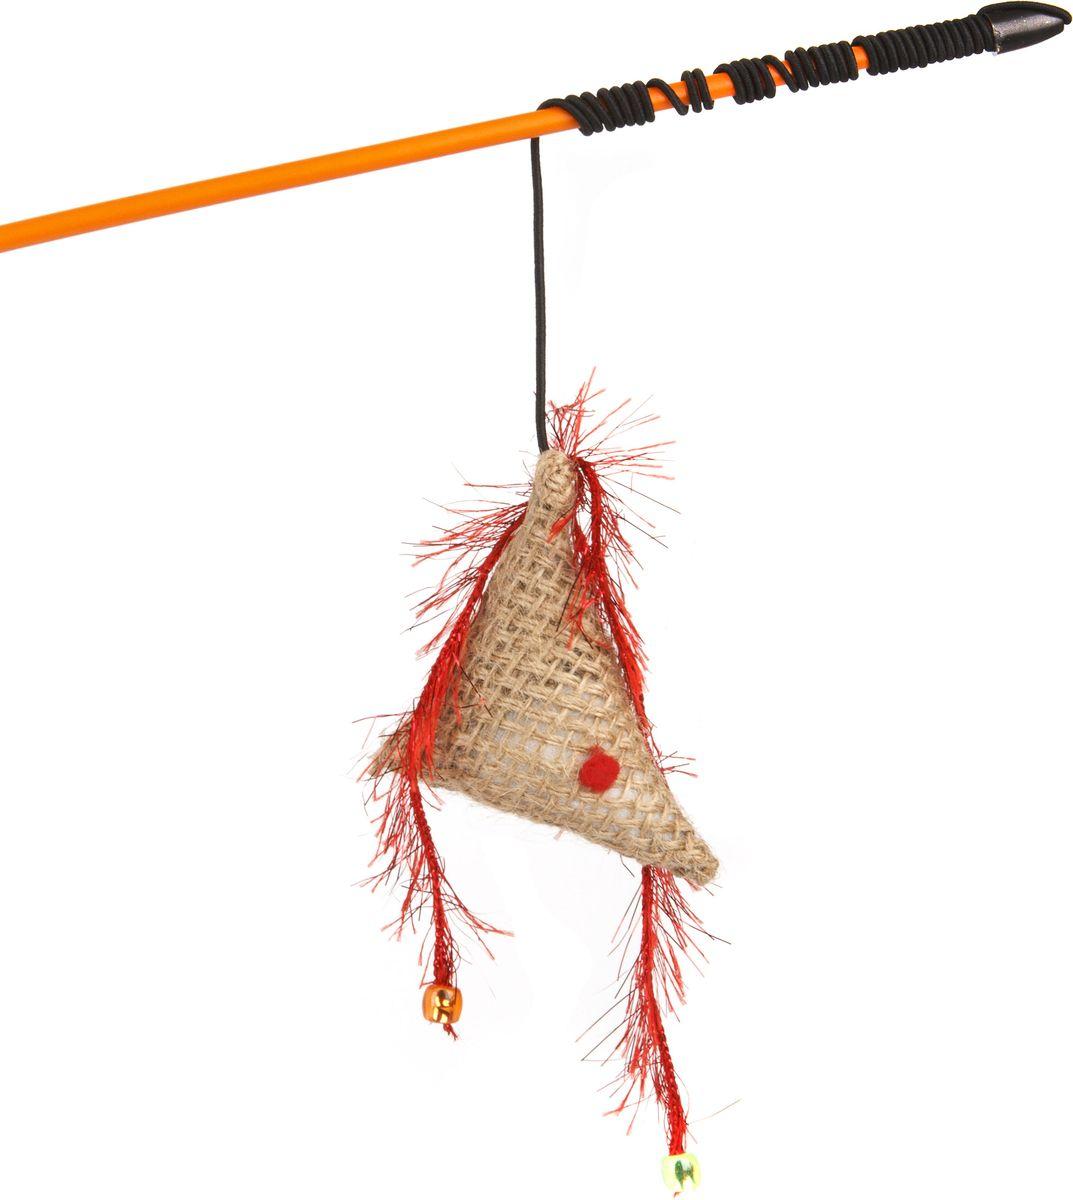 Игрушка-дразнилка для кошек GLG Рыбка, длина 60 см0120710Игрушка-дразнилка для кошек GLG Рыбка представляет собой пластиковую палочку, на конце которой прикреплена рыбка. Игрушка на резинке, хорошо пружинит и отскакивает. Игрушка поможет развить мускулатуру и реакцию кошки, а также удовлетворит её охотничий инстинкт. Способствует балансировке нервной системы, повышению мышечного тонуса, правильному развитию скелета. Рекомендуется для совместных игр хозяина с питомцем.Длина игрушки: 60 см.